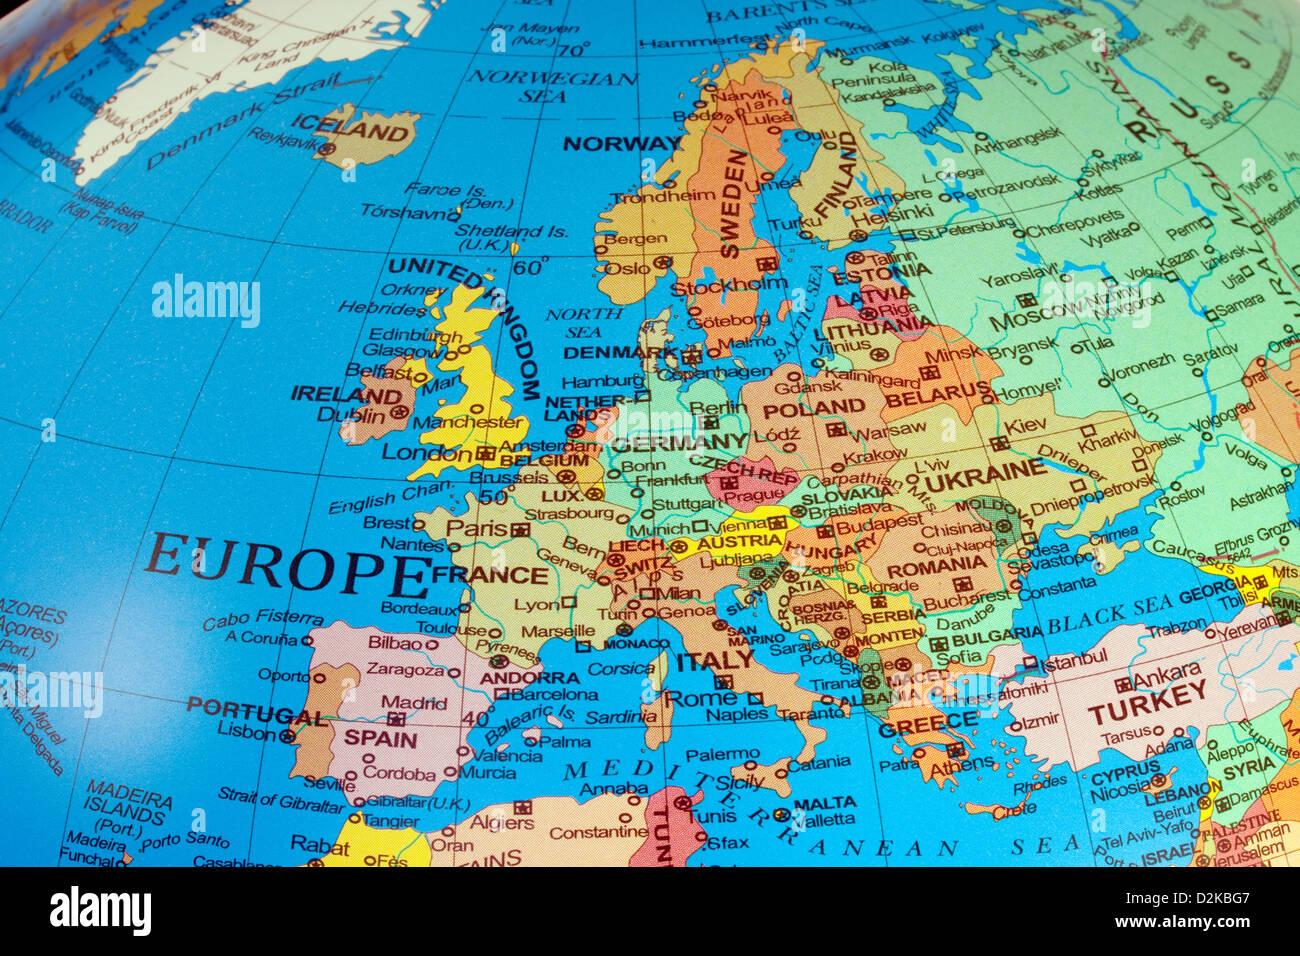 Eine Karte von Europa Kontinent zeigen die Länder auf einem Globus, 2013 Stockbild